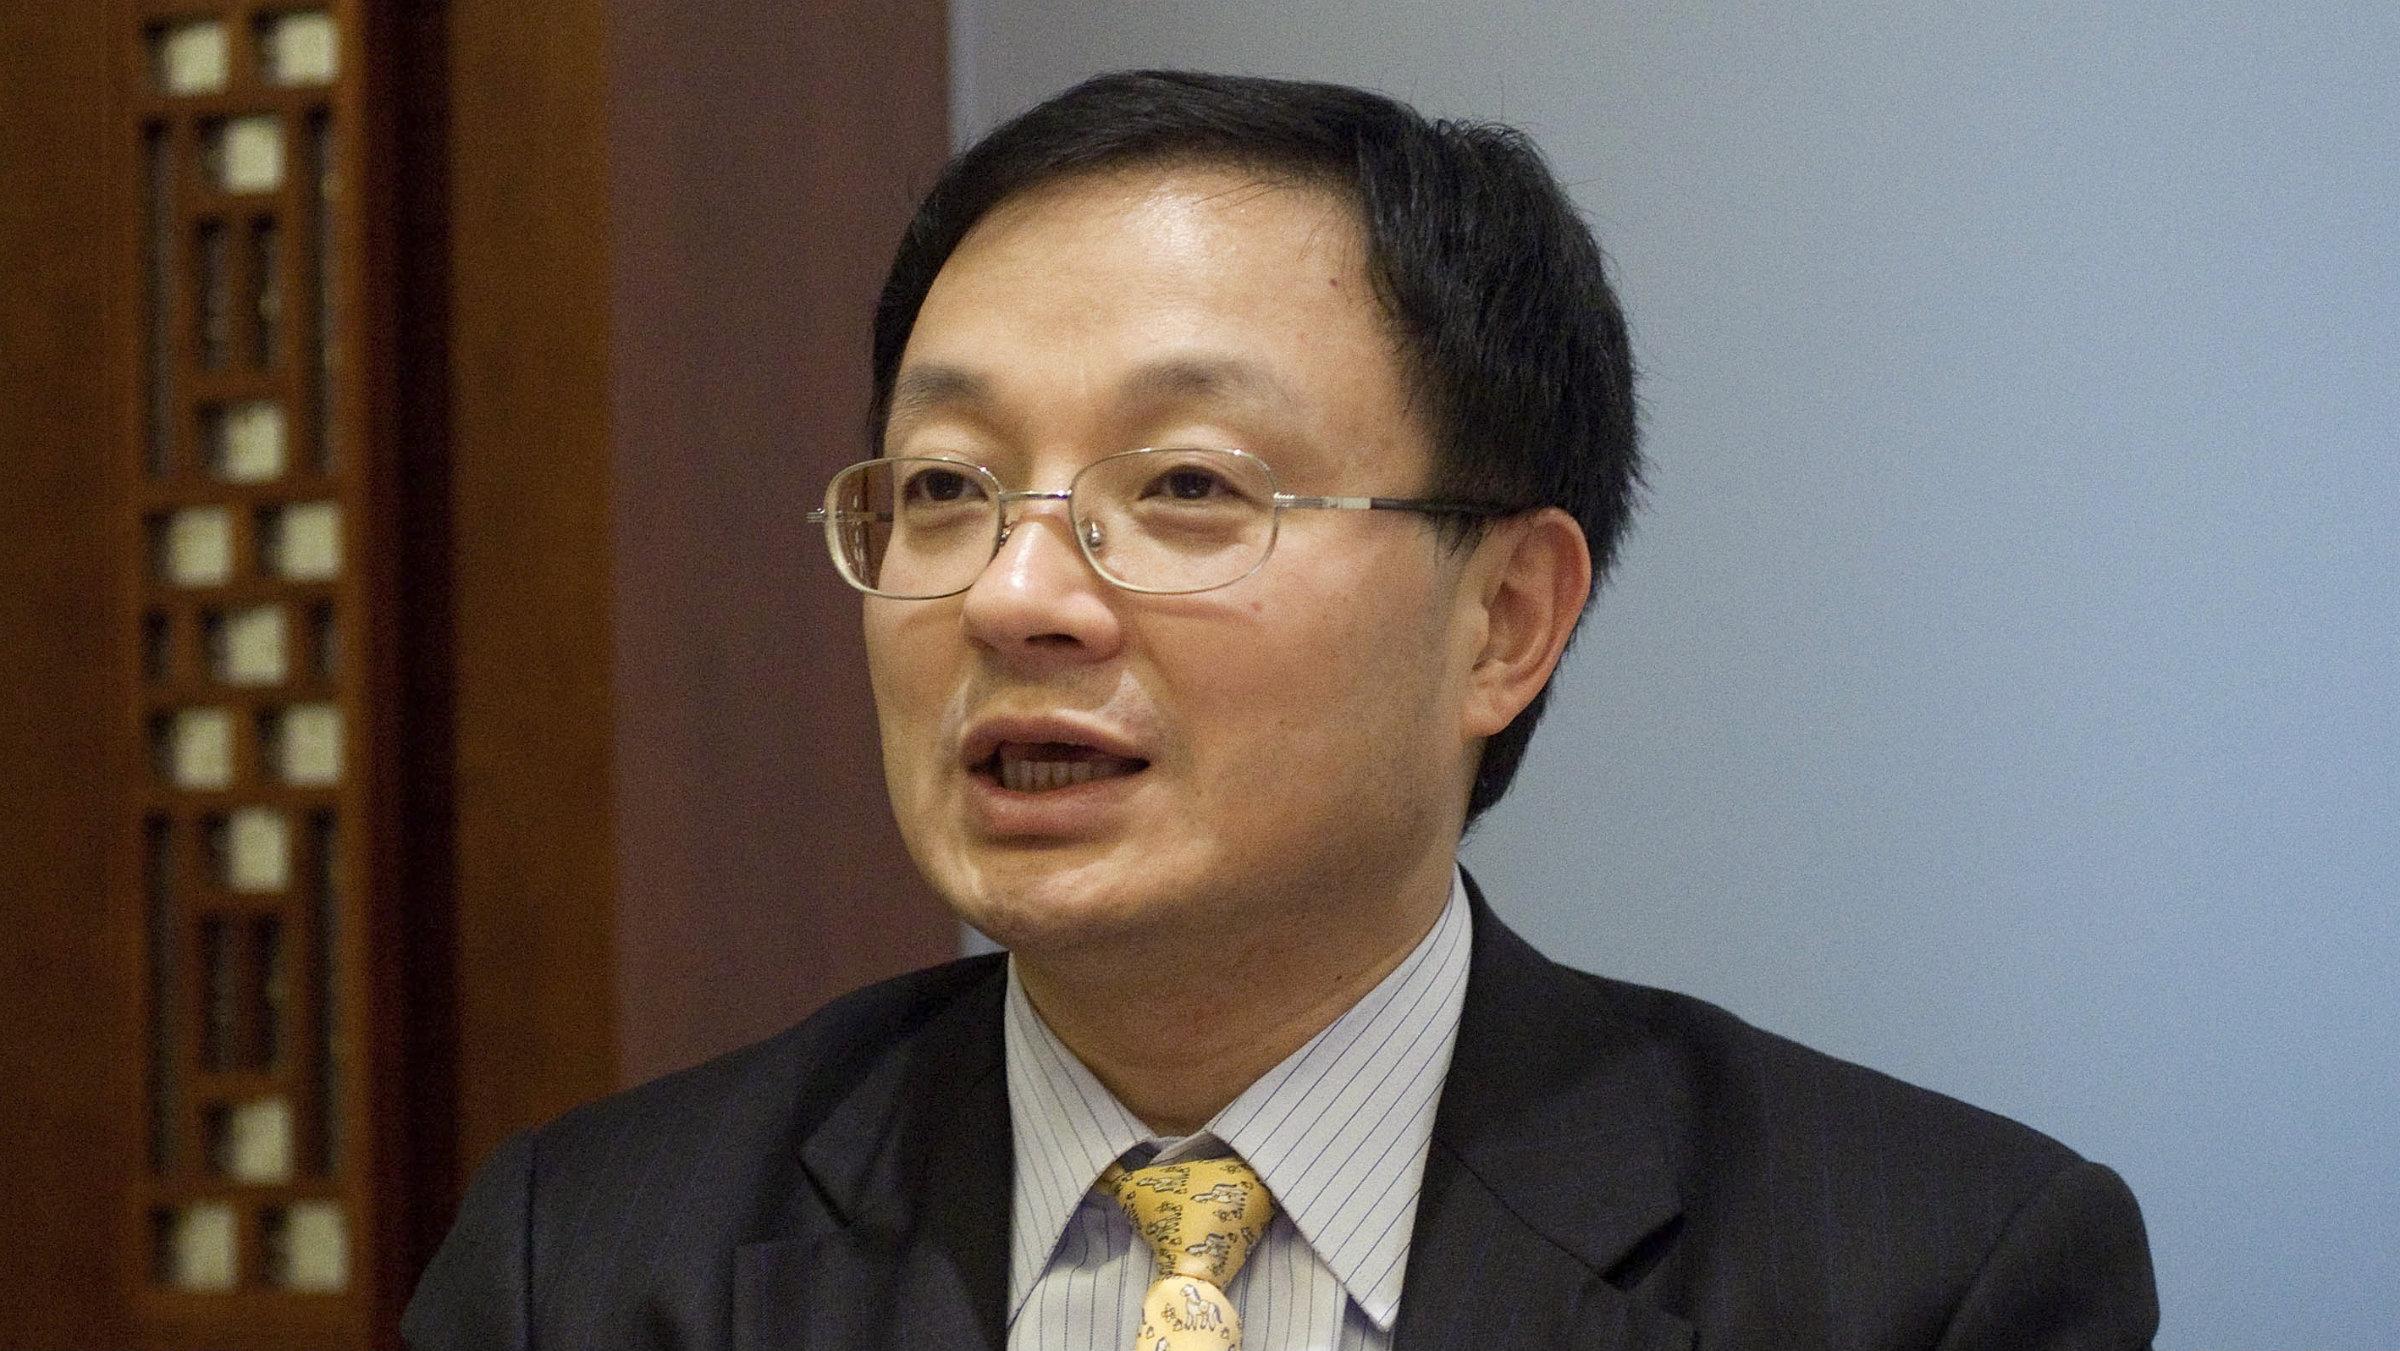 Fang Fang in 2010.